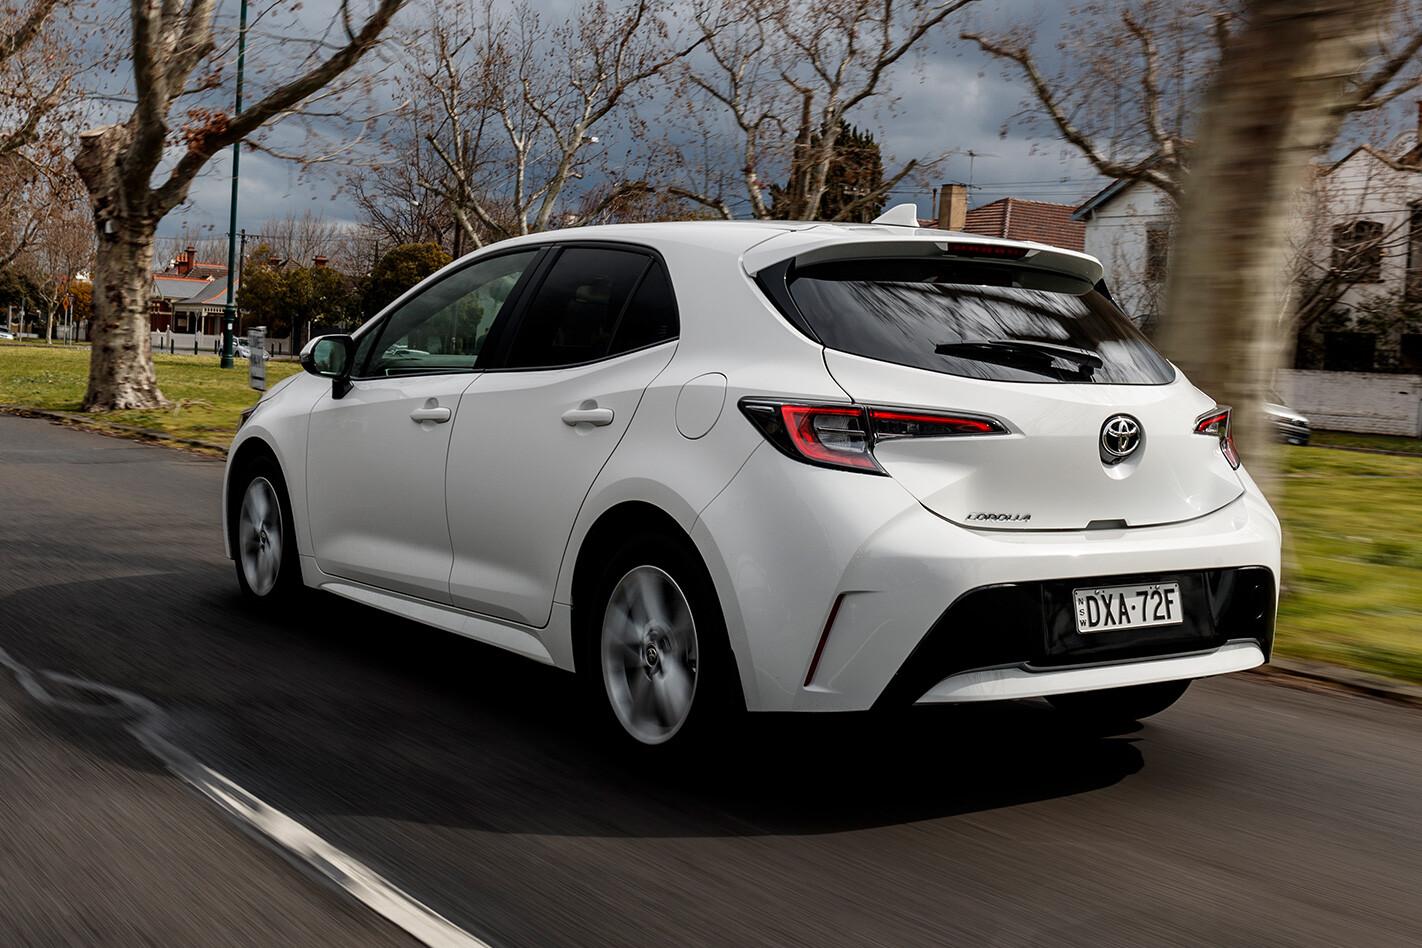 Toyota Corolla Rear Low Jpg